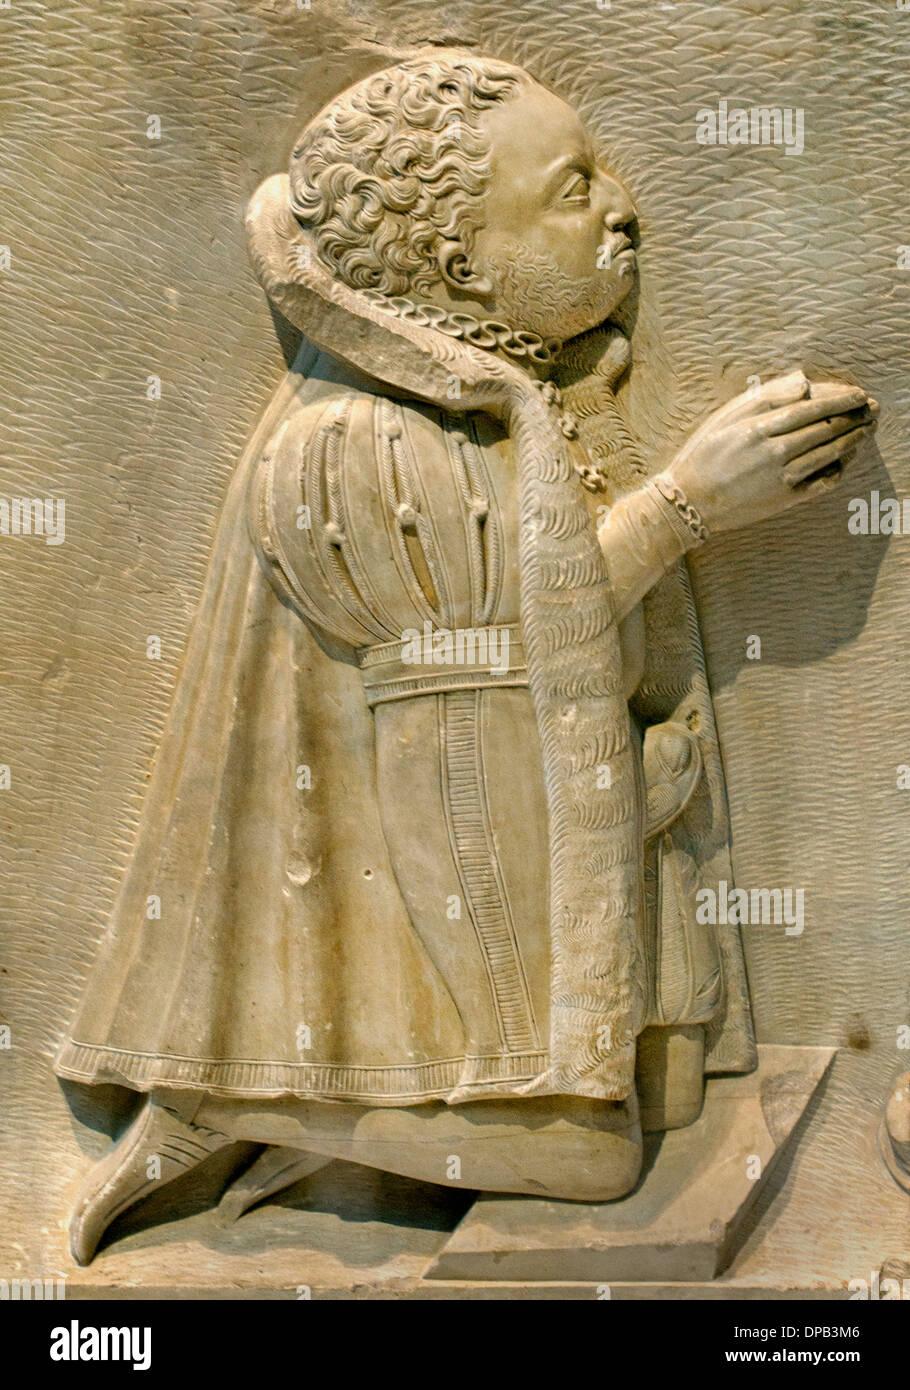 Betende Spender von Votiv oder funerary Denkmal 1570 Augsburger - Augsburg Deutschland Stockbild